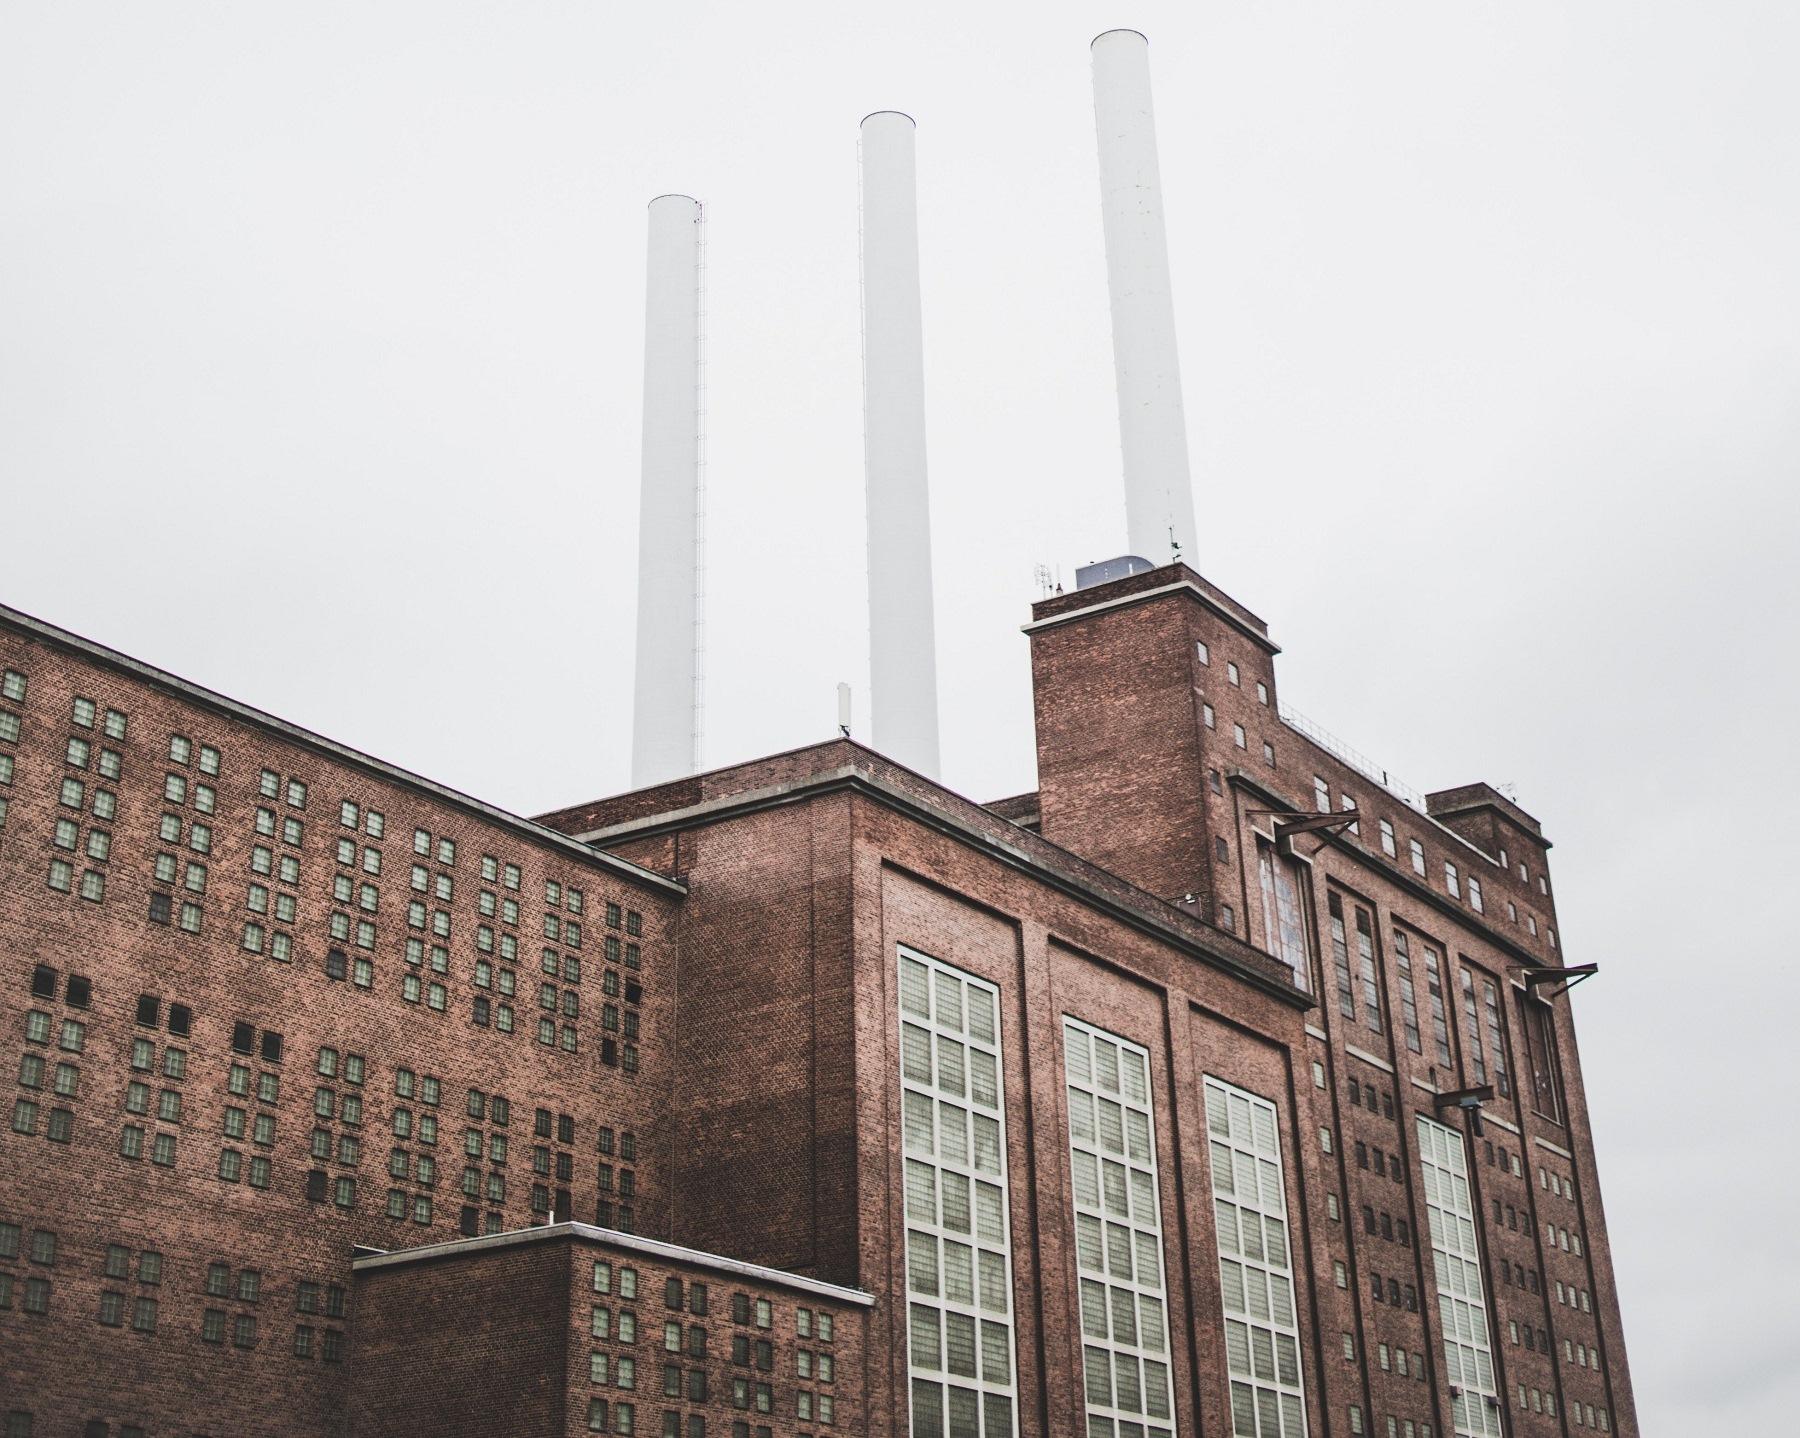 У Львові Фабрику повидла перетворять на арт-простір